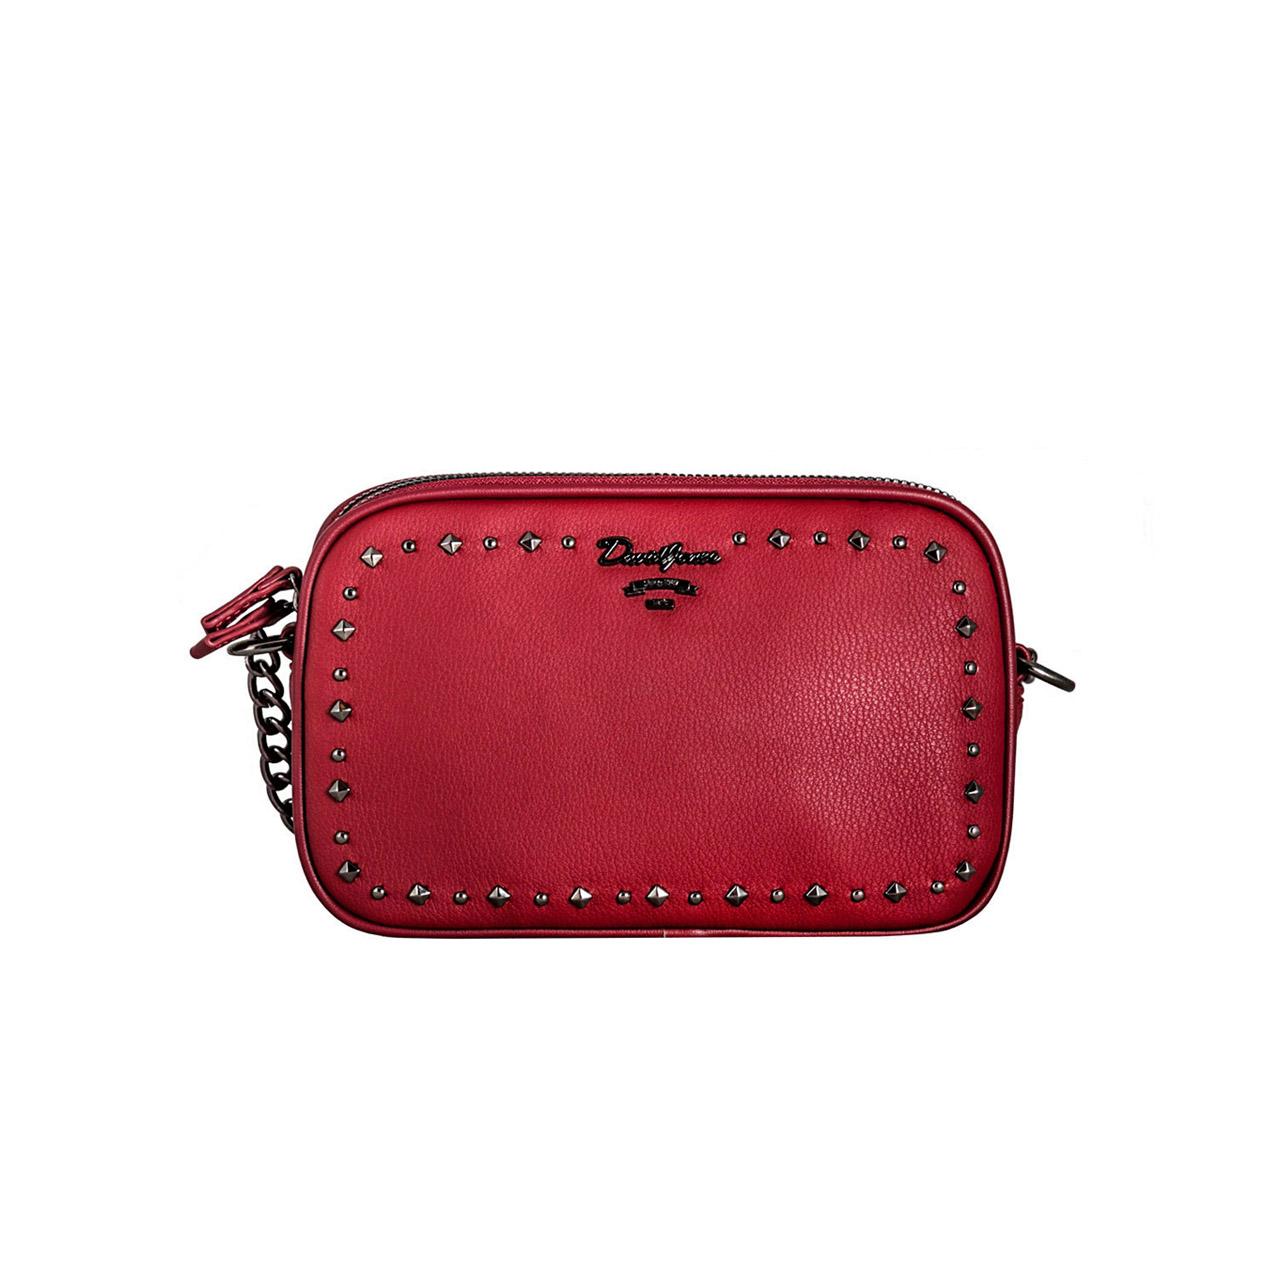 کیف دستی زنانه دیوید جونز کد cm5342